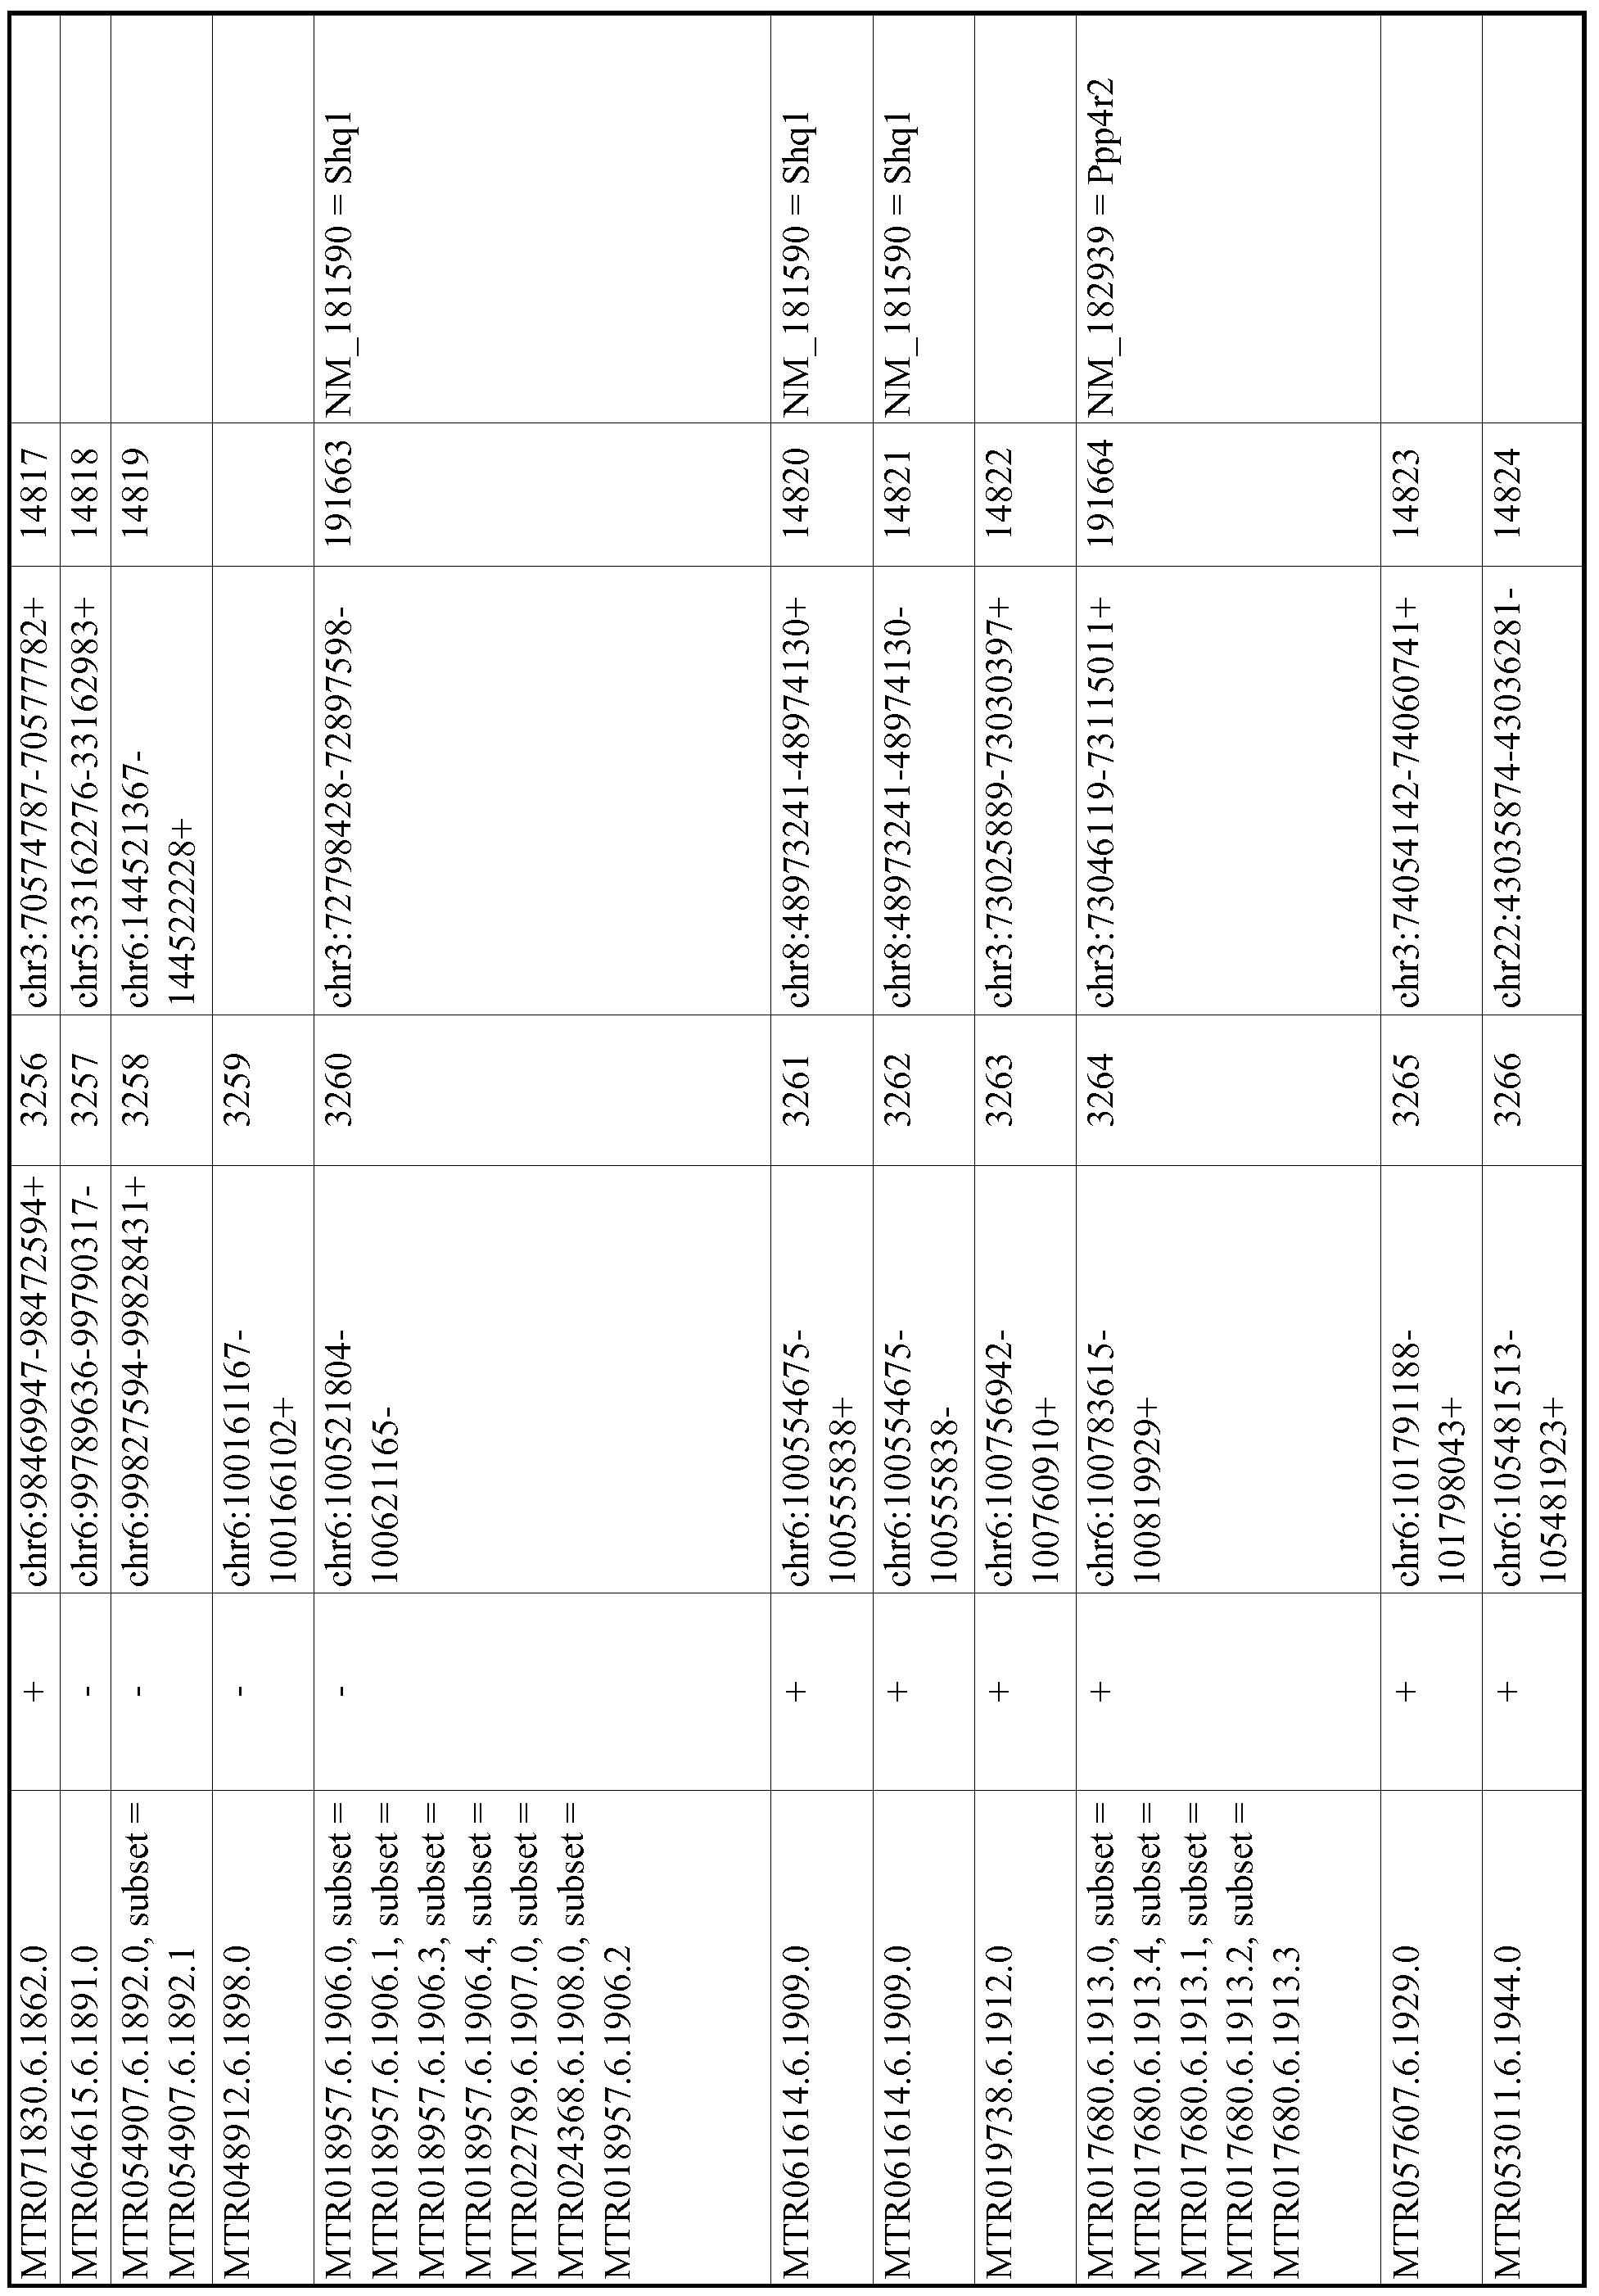 Figure imgf000645_0001